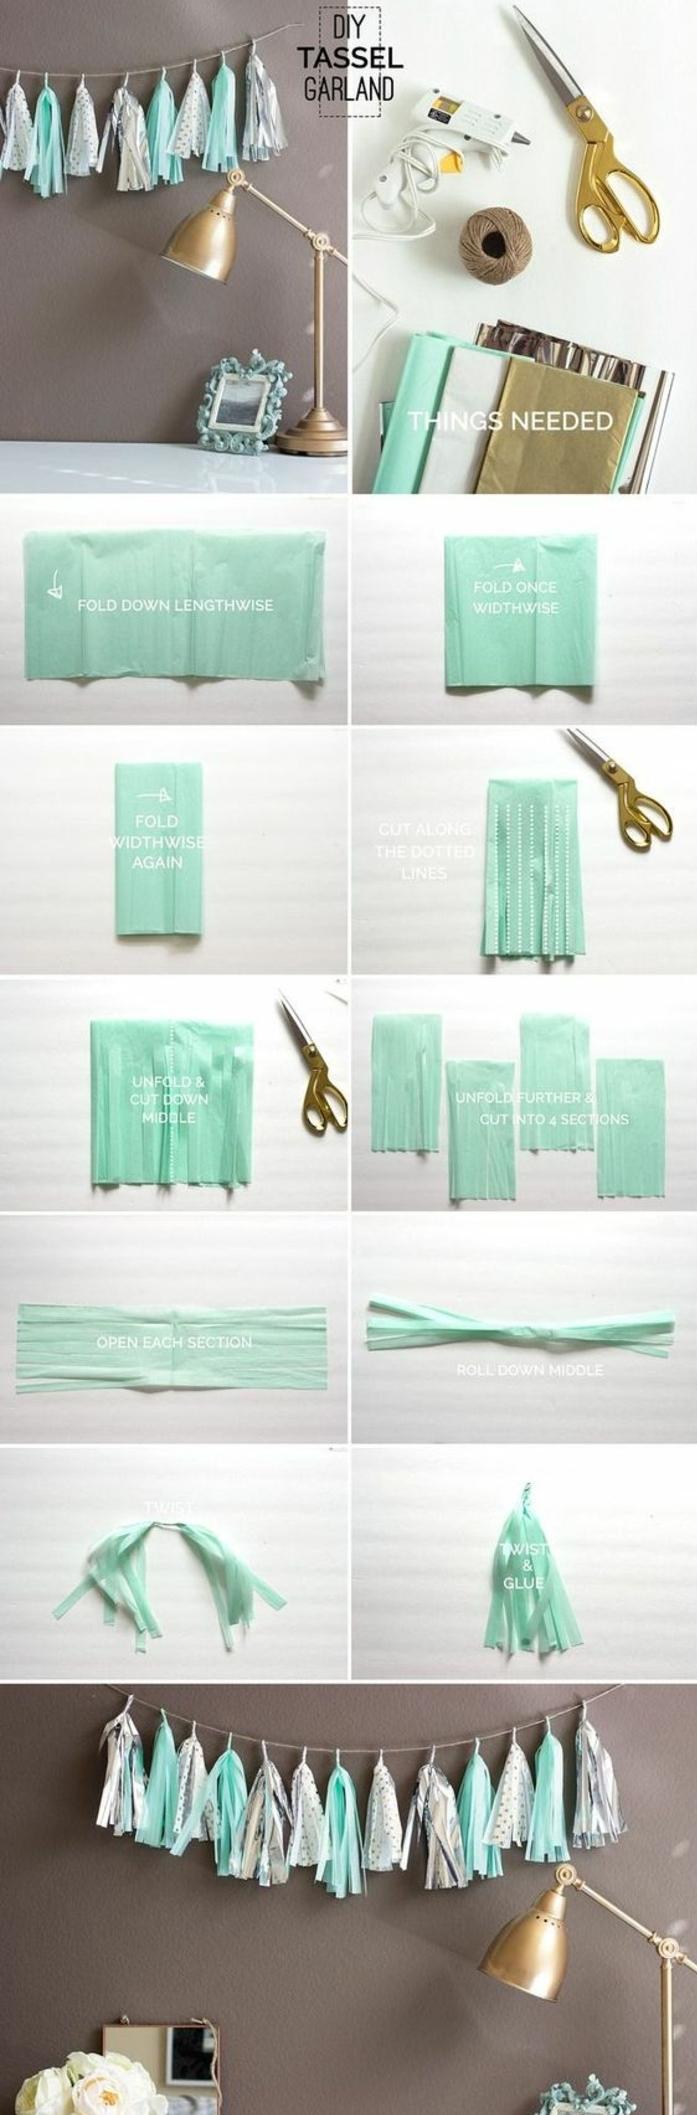 guirnaldas caseras para hacer en verano, guirnaldas con borlas en color blanco y verde menta, decoración salón casera